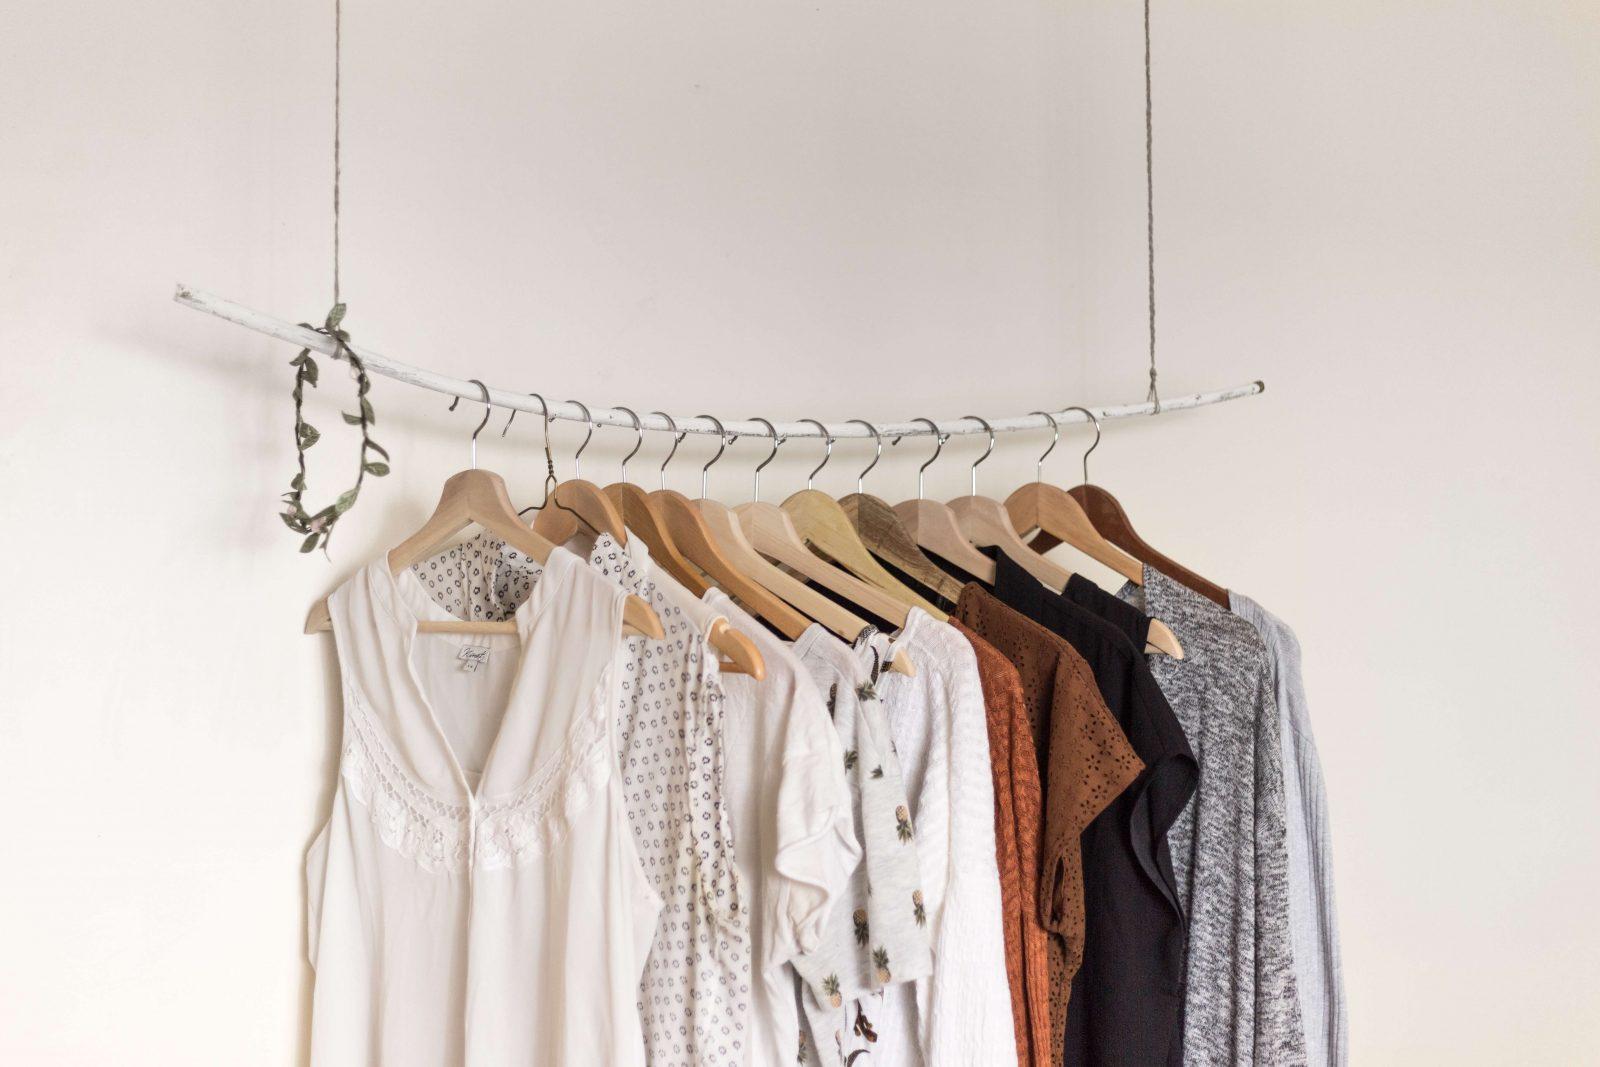 מיתוסים באופנה